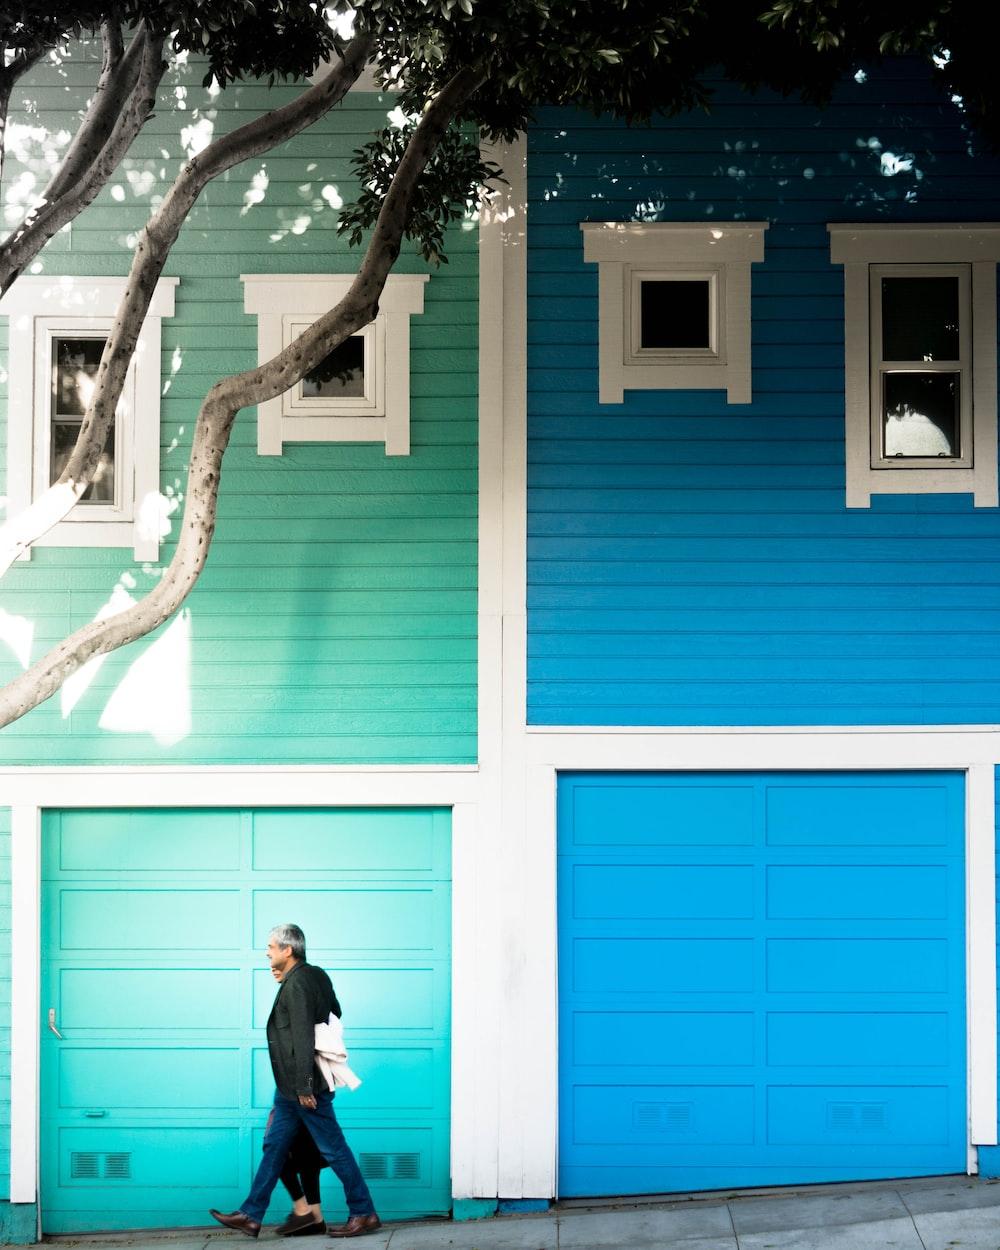 man wearing jacket walking beside blue house